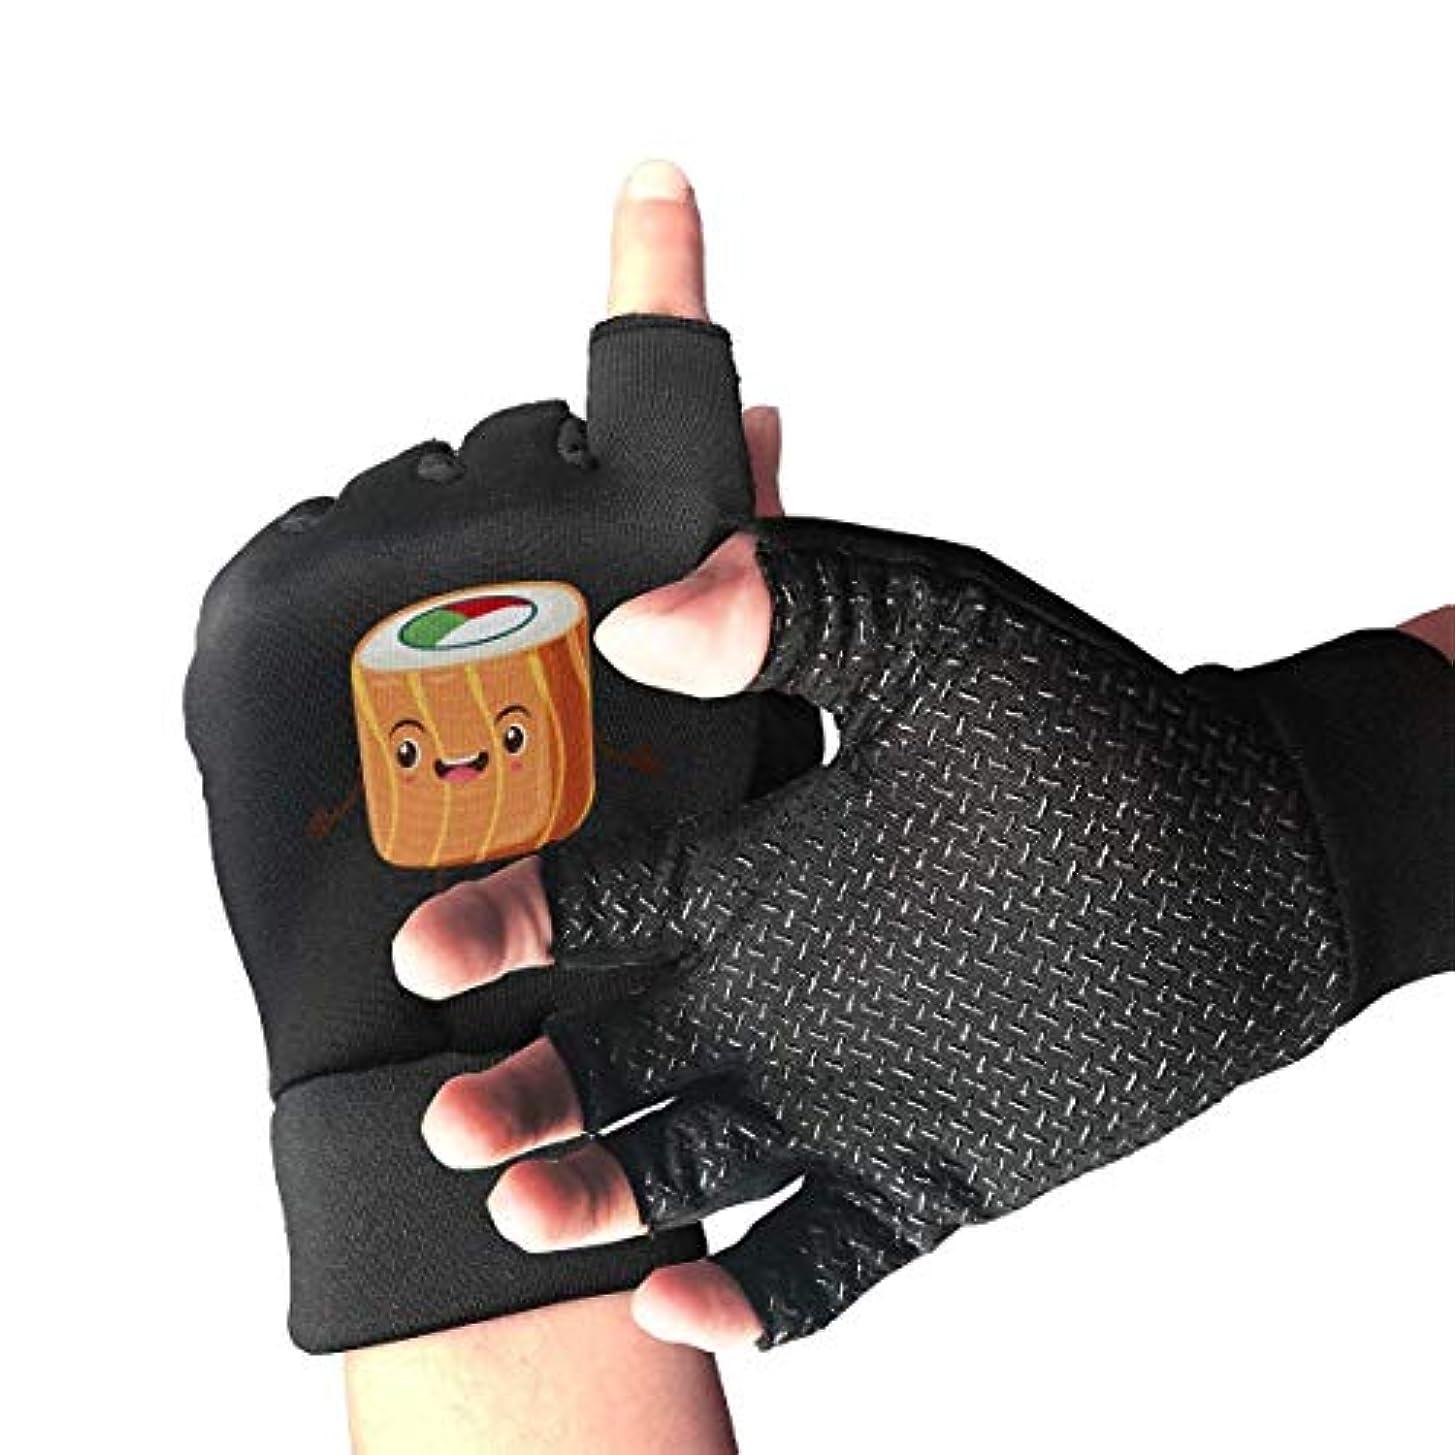 予防接種する類似性実行するCycling Gloves Sushi Cartoon Men's/Women's Mountain Bike Gloves Half Finger Anti-Slip Motorcycle Gloves